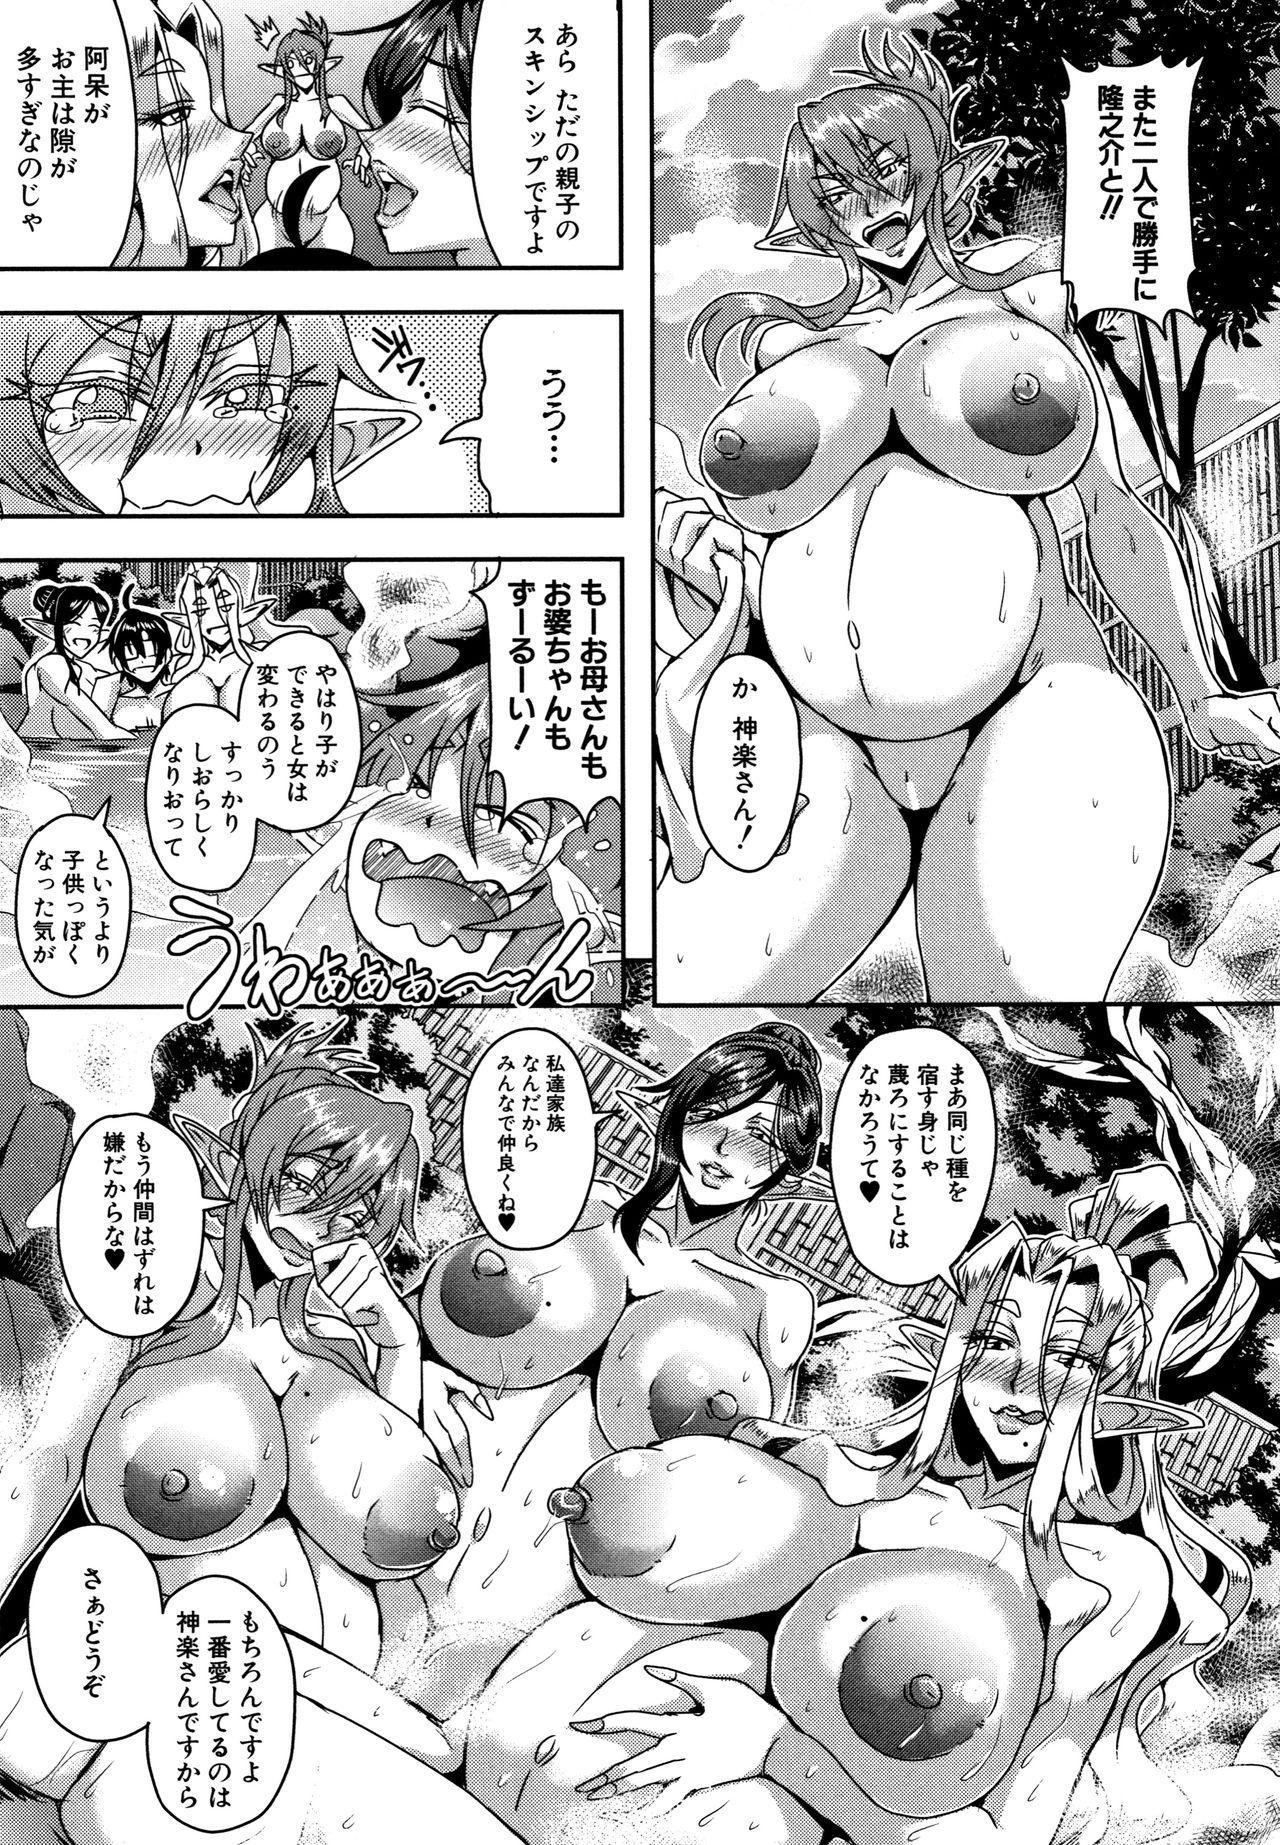 Elf Harem Monogatari - Elf Harem Story 88